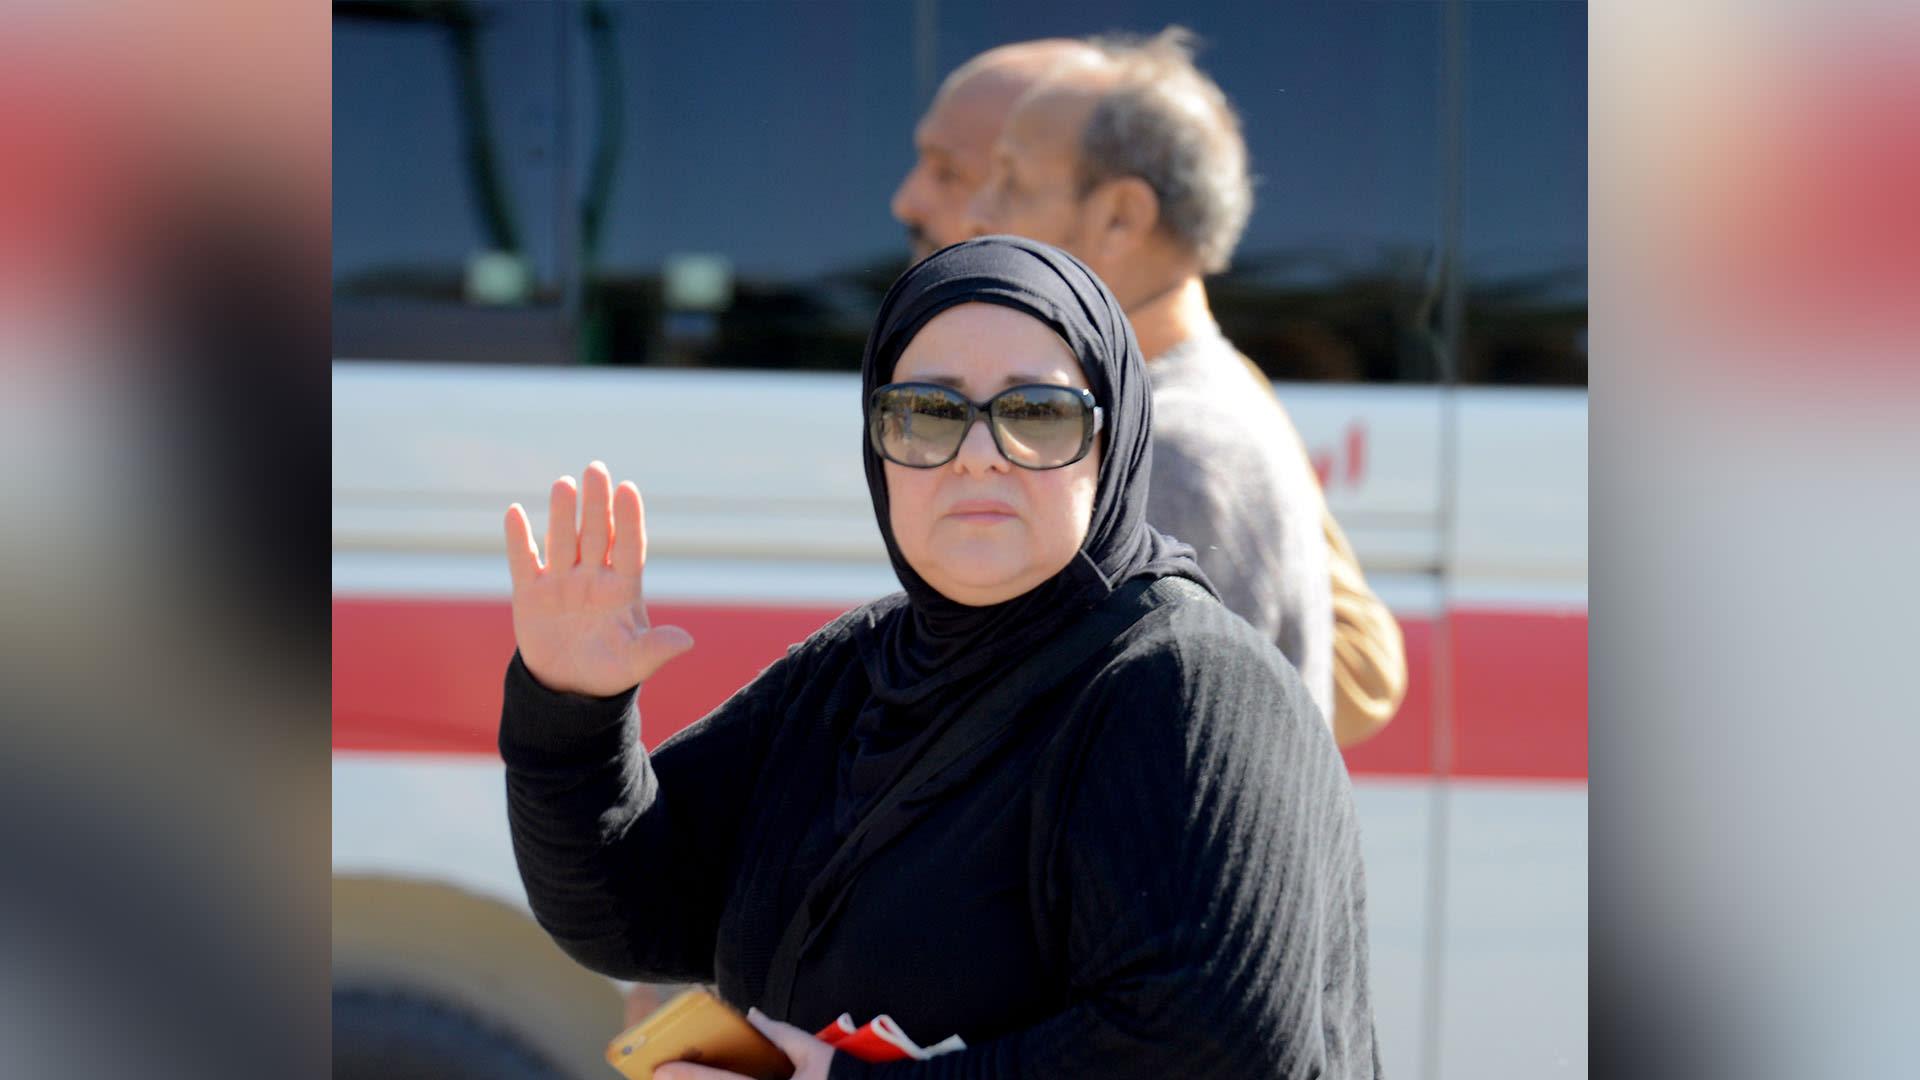 وفاة الفنانة دلال عبد العزيز.. لم يطل بها الفراق عن حبيب العمر